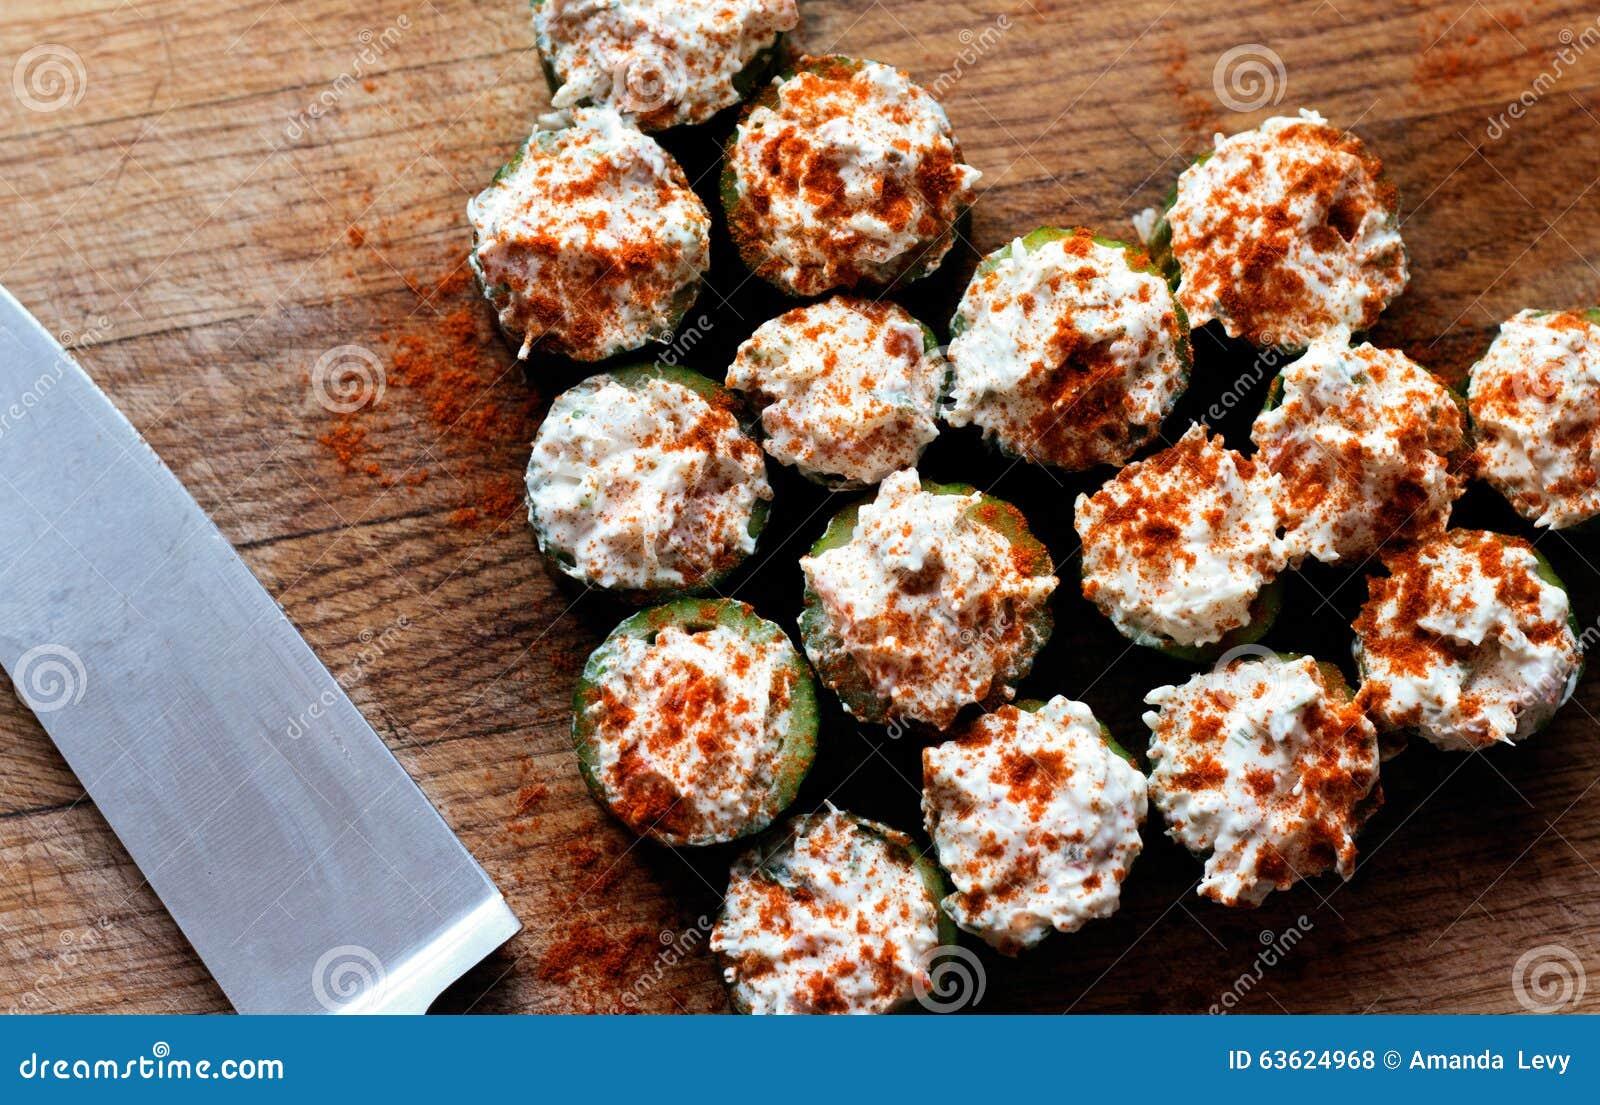 黄瓜螃蟹开胃菜